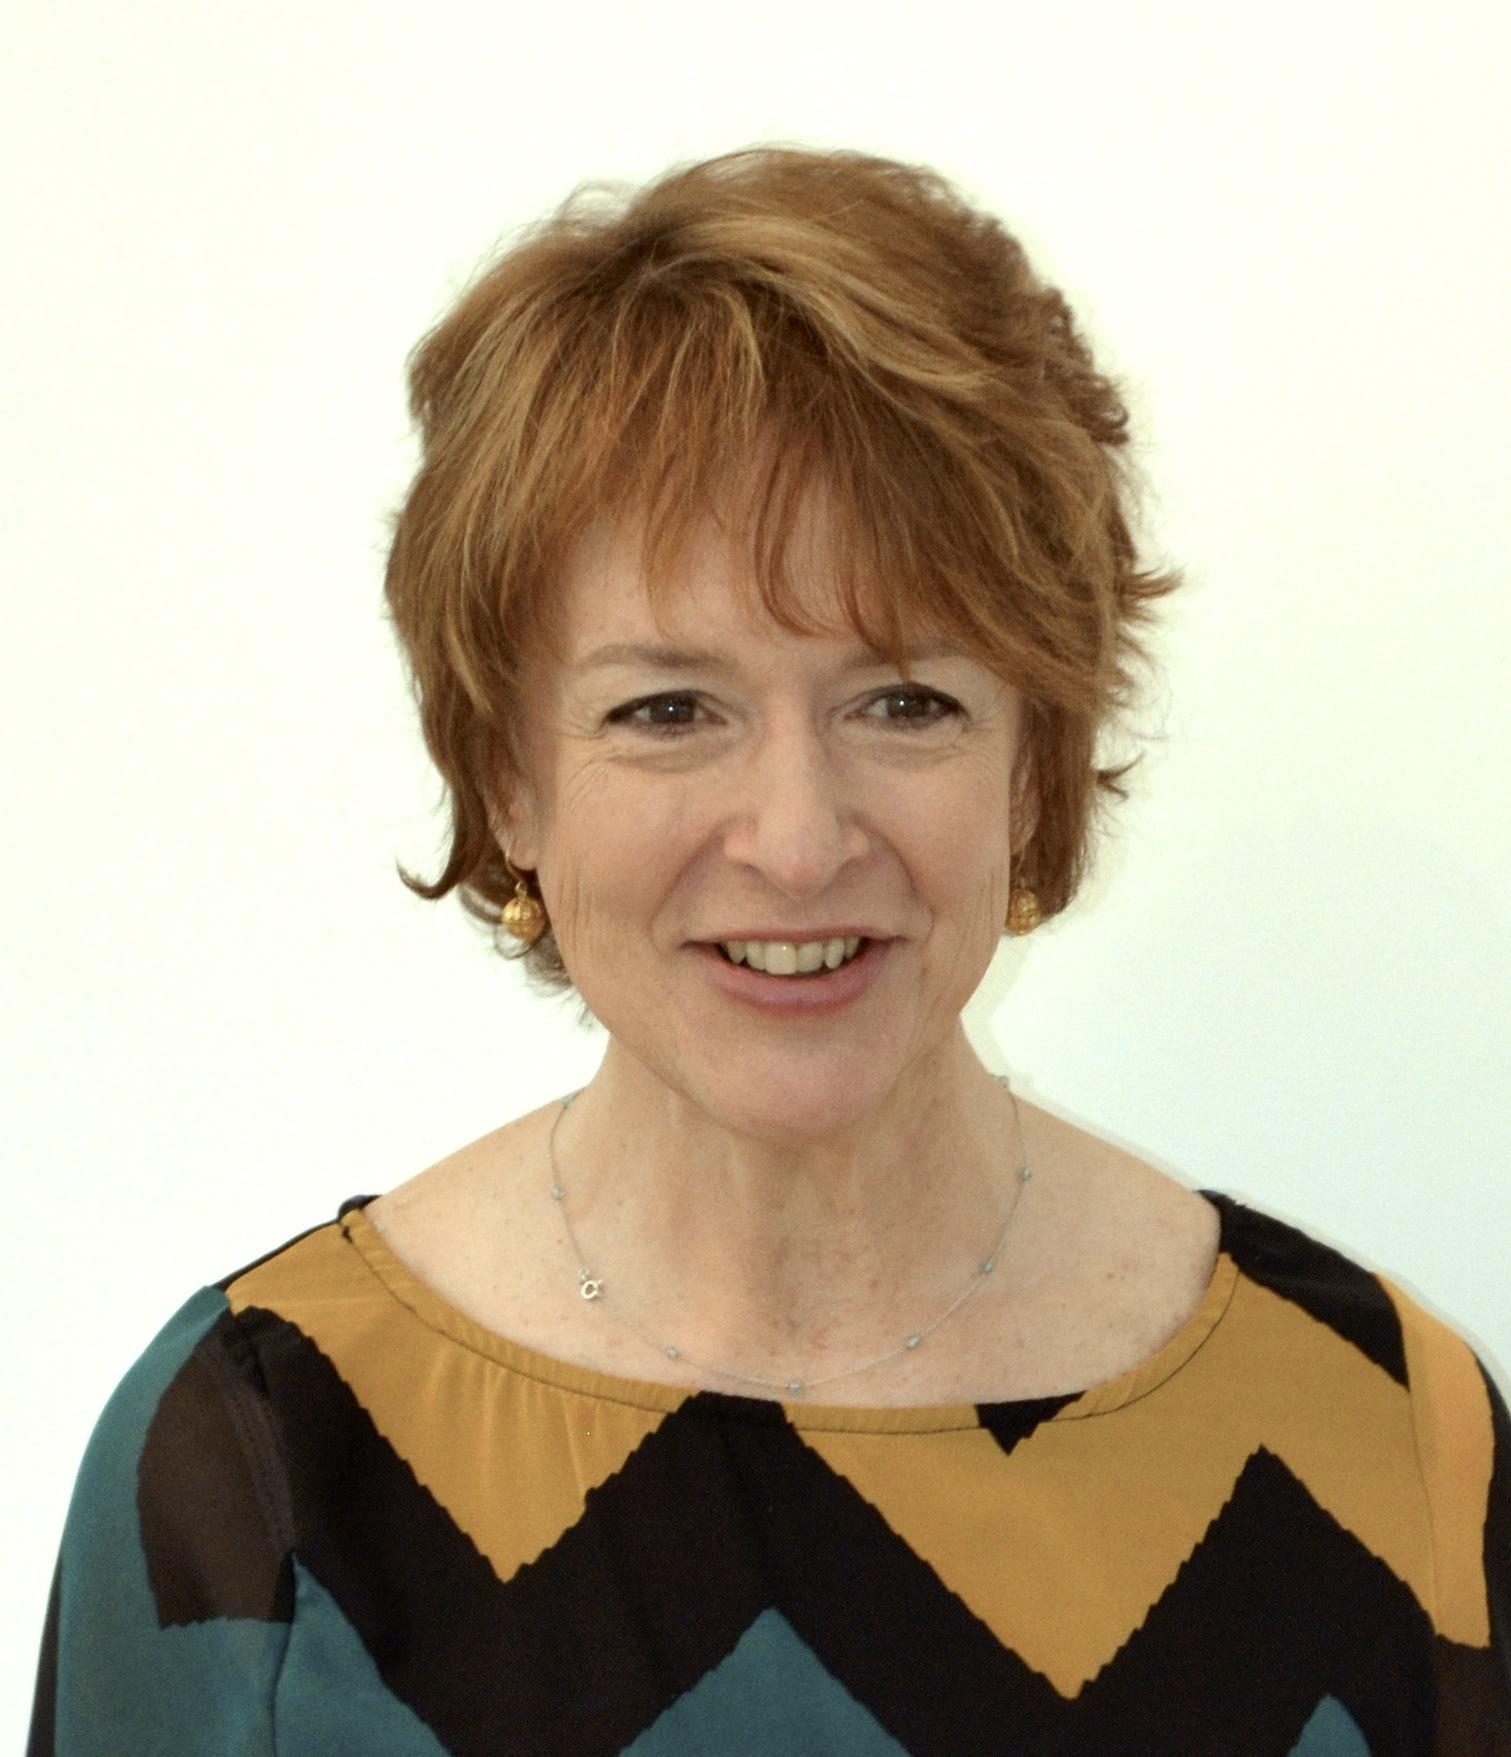 Lisa Haupert - Internationally recognized vocal coachTeacher of teachersVocal technique wizard